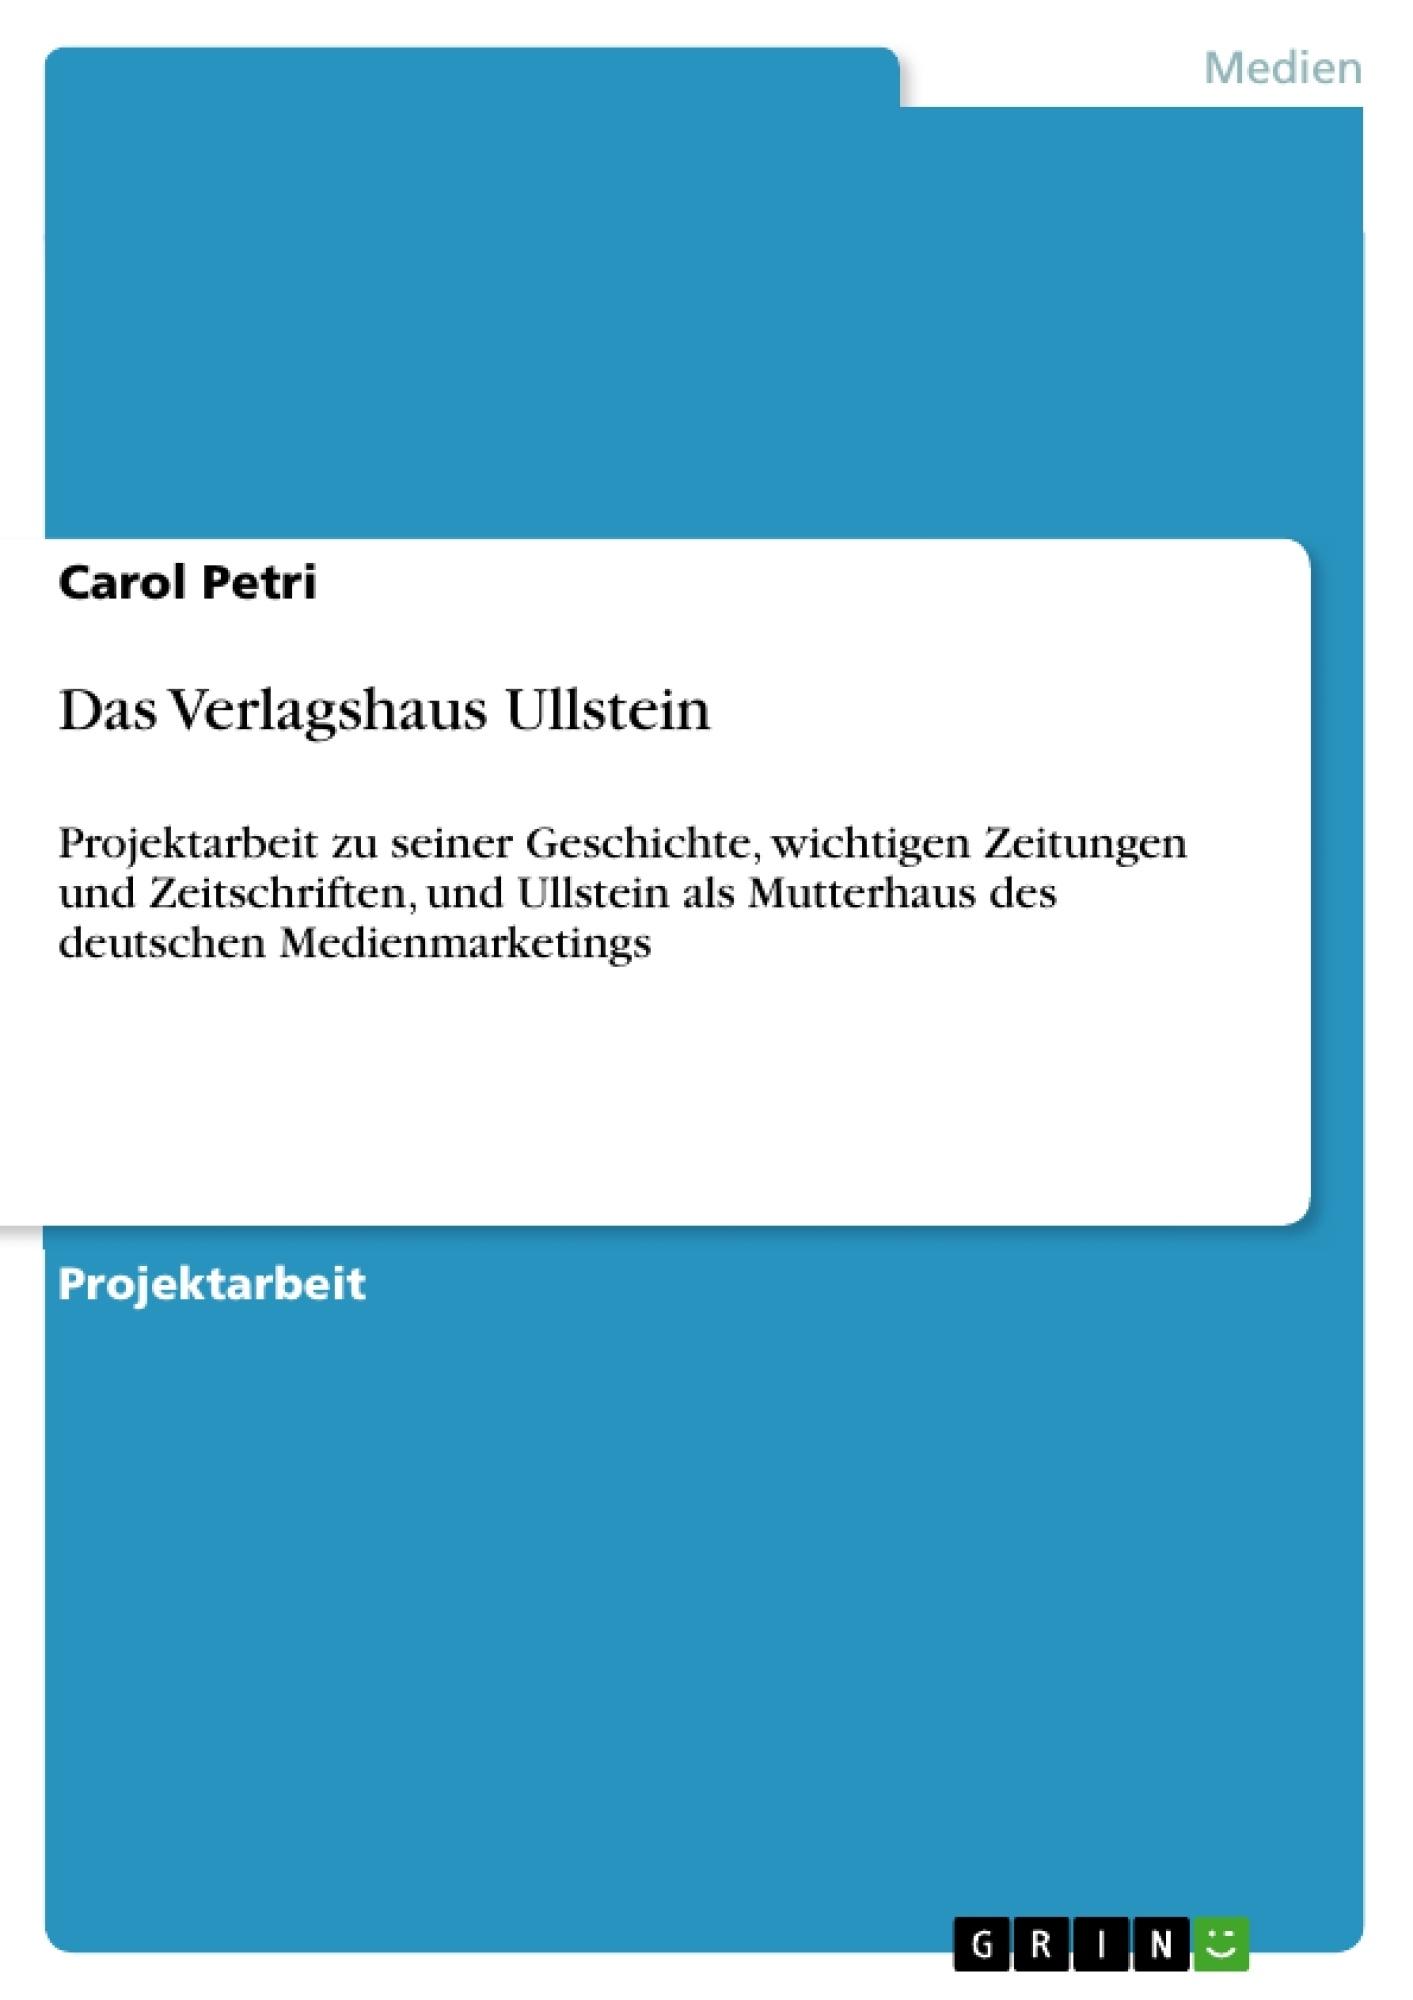 Titel: Das Verlagshaus Ullstein